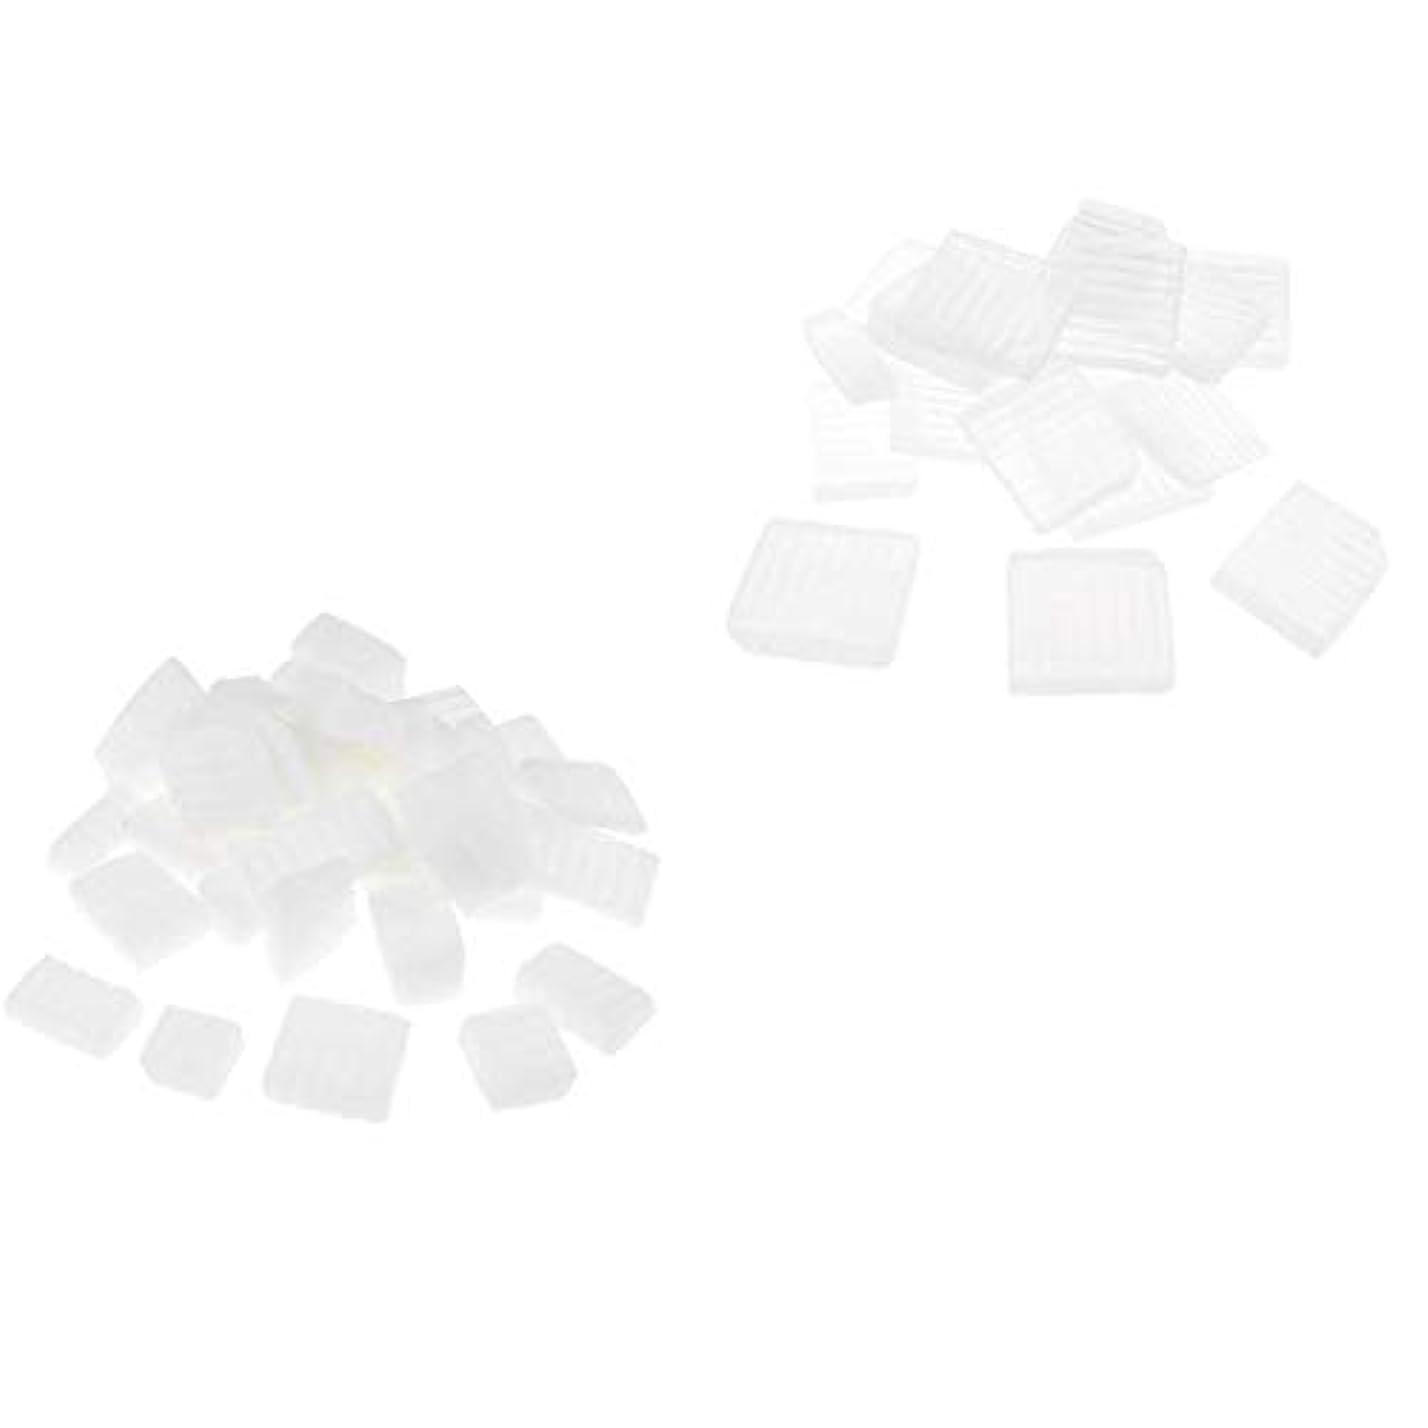 記憶クレア学ぶD DOLITY 固形せっけん 2KG ホワイトクリア DIY工芸 手作り バス用品 石鹸製造 創造力 2種 混合